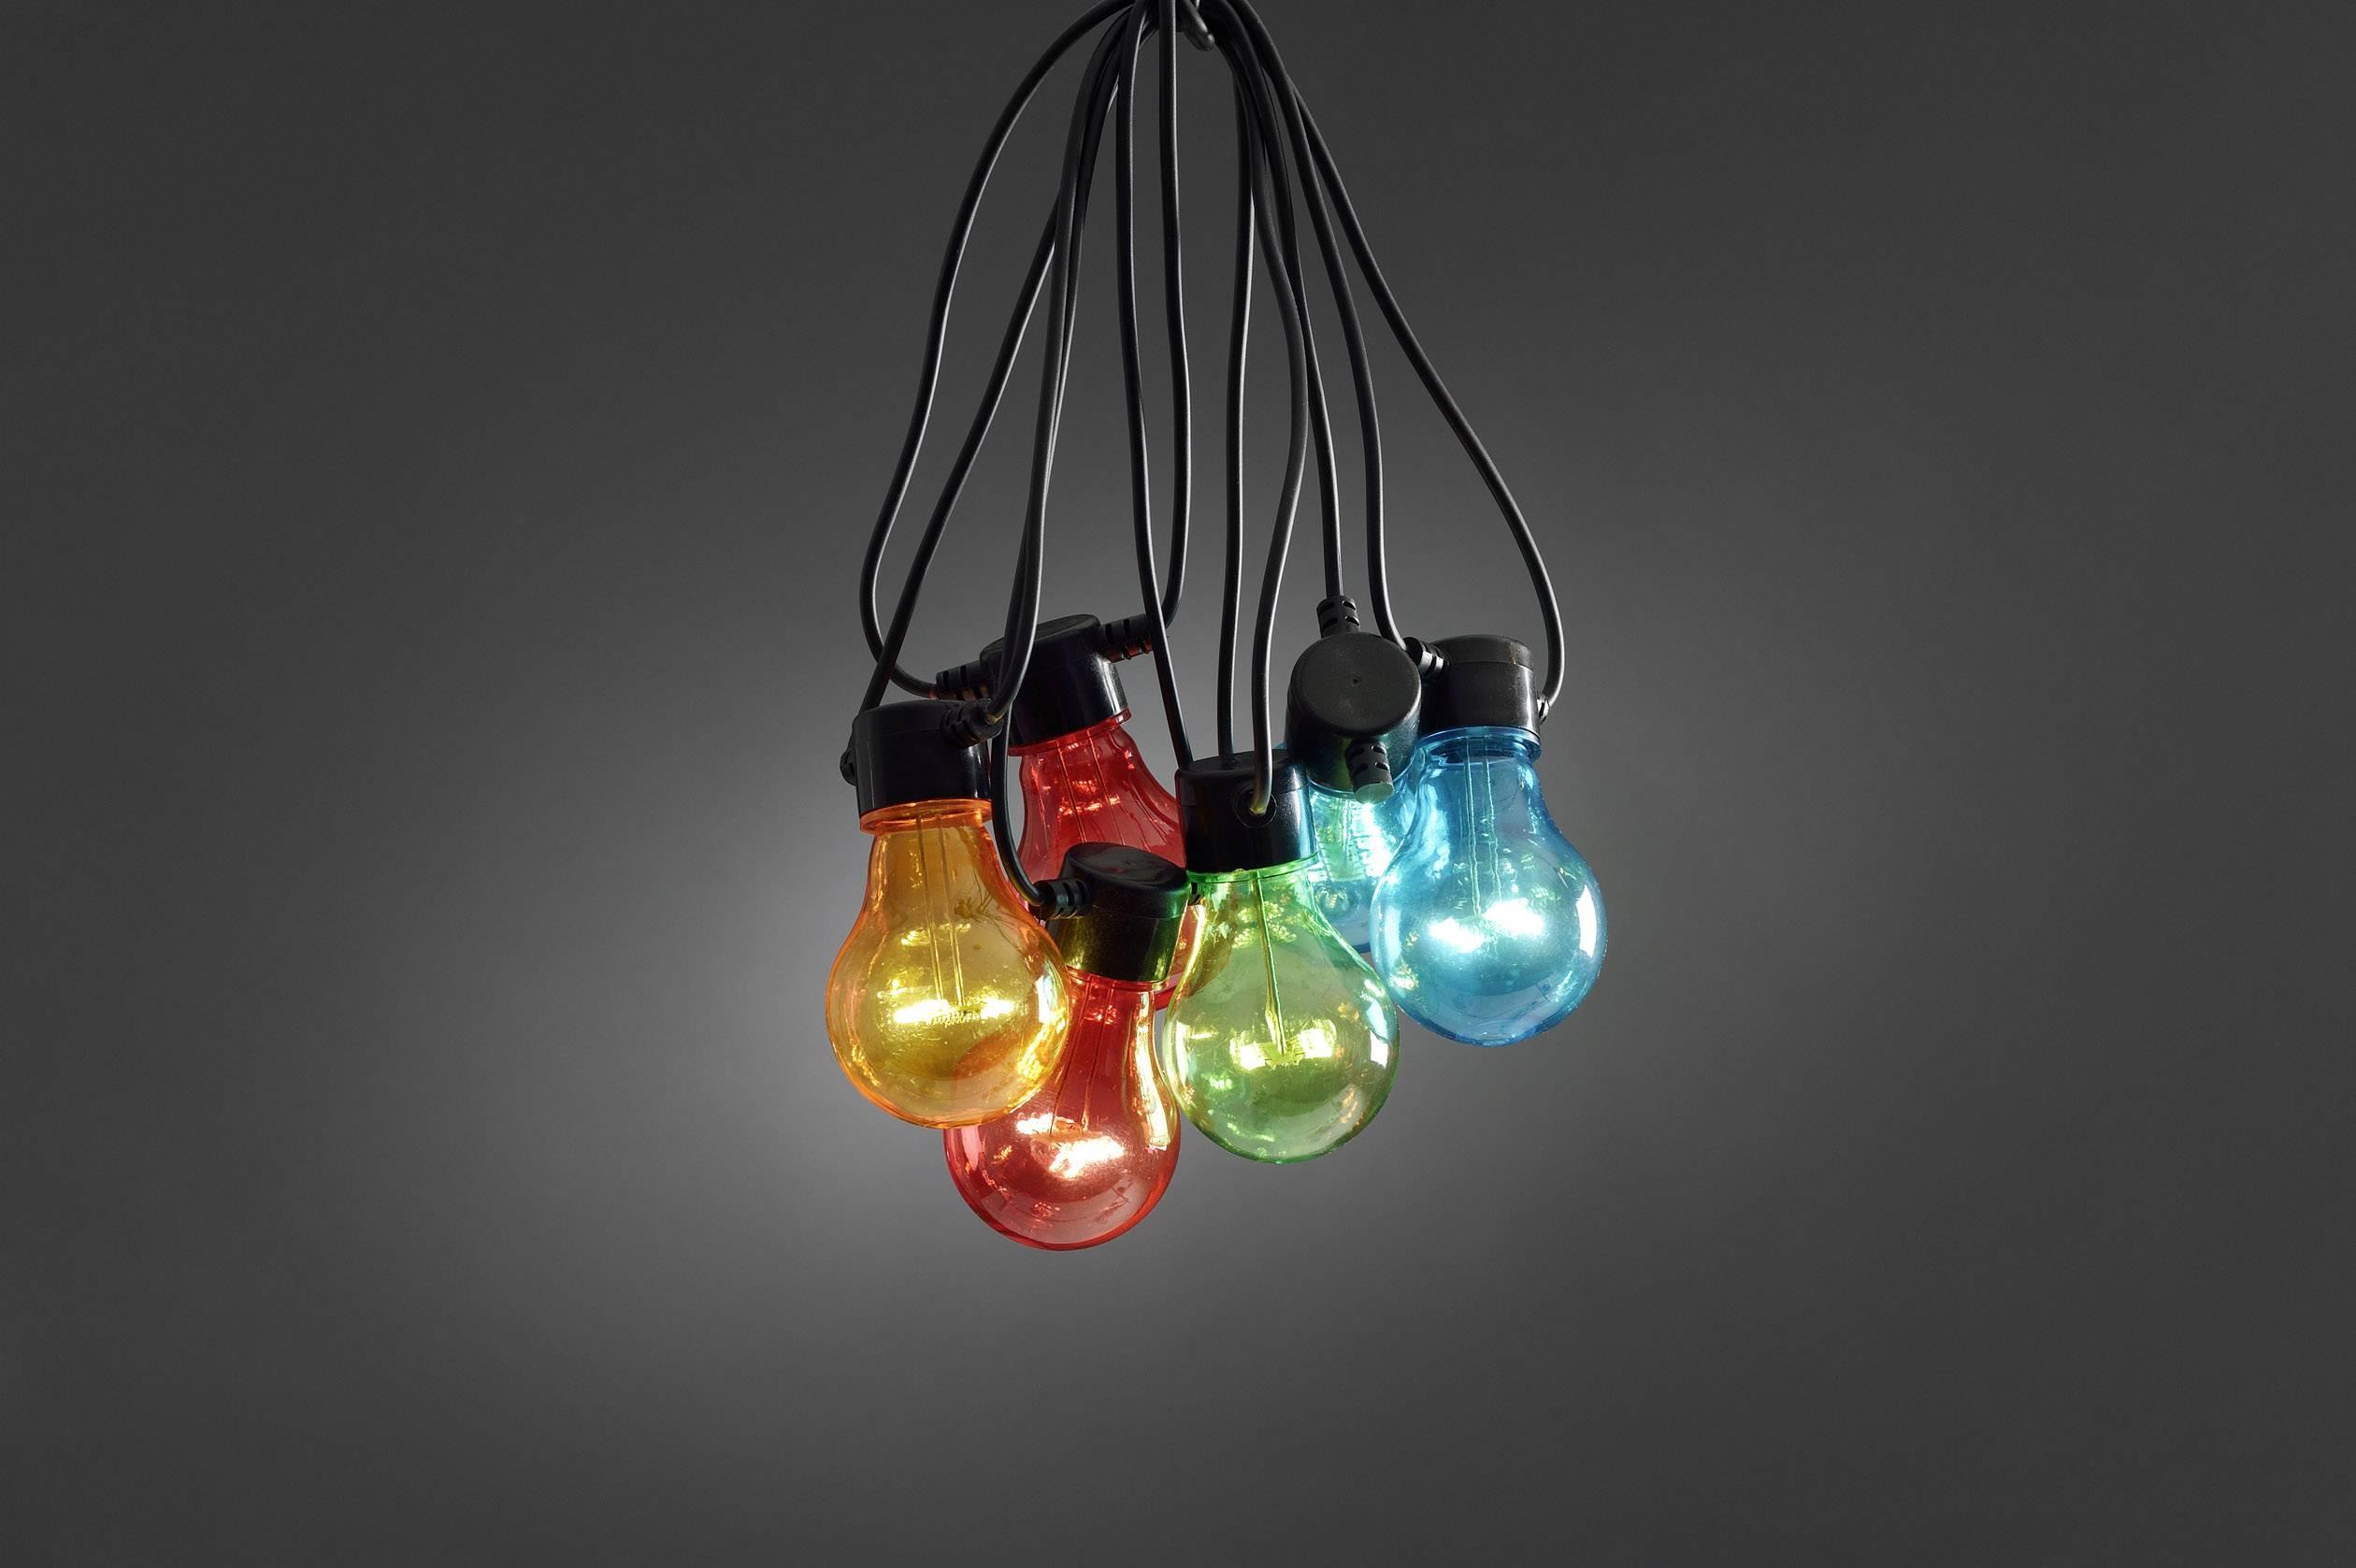 Catena Luminosa Per Foto led (monocolore) espansione per sistema di illuminazione a catena 24 v  catena luminosa bianco caldo konstsmide